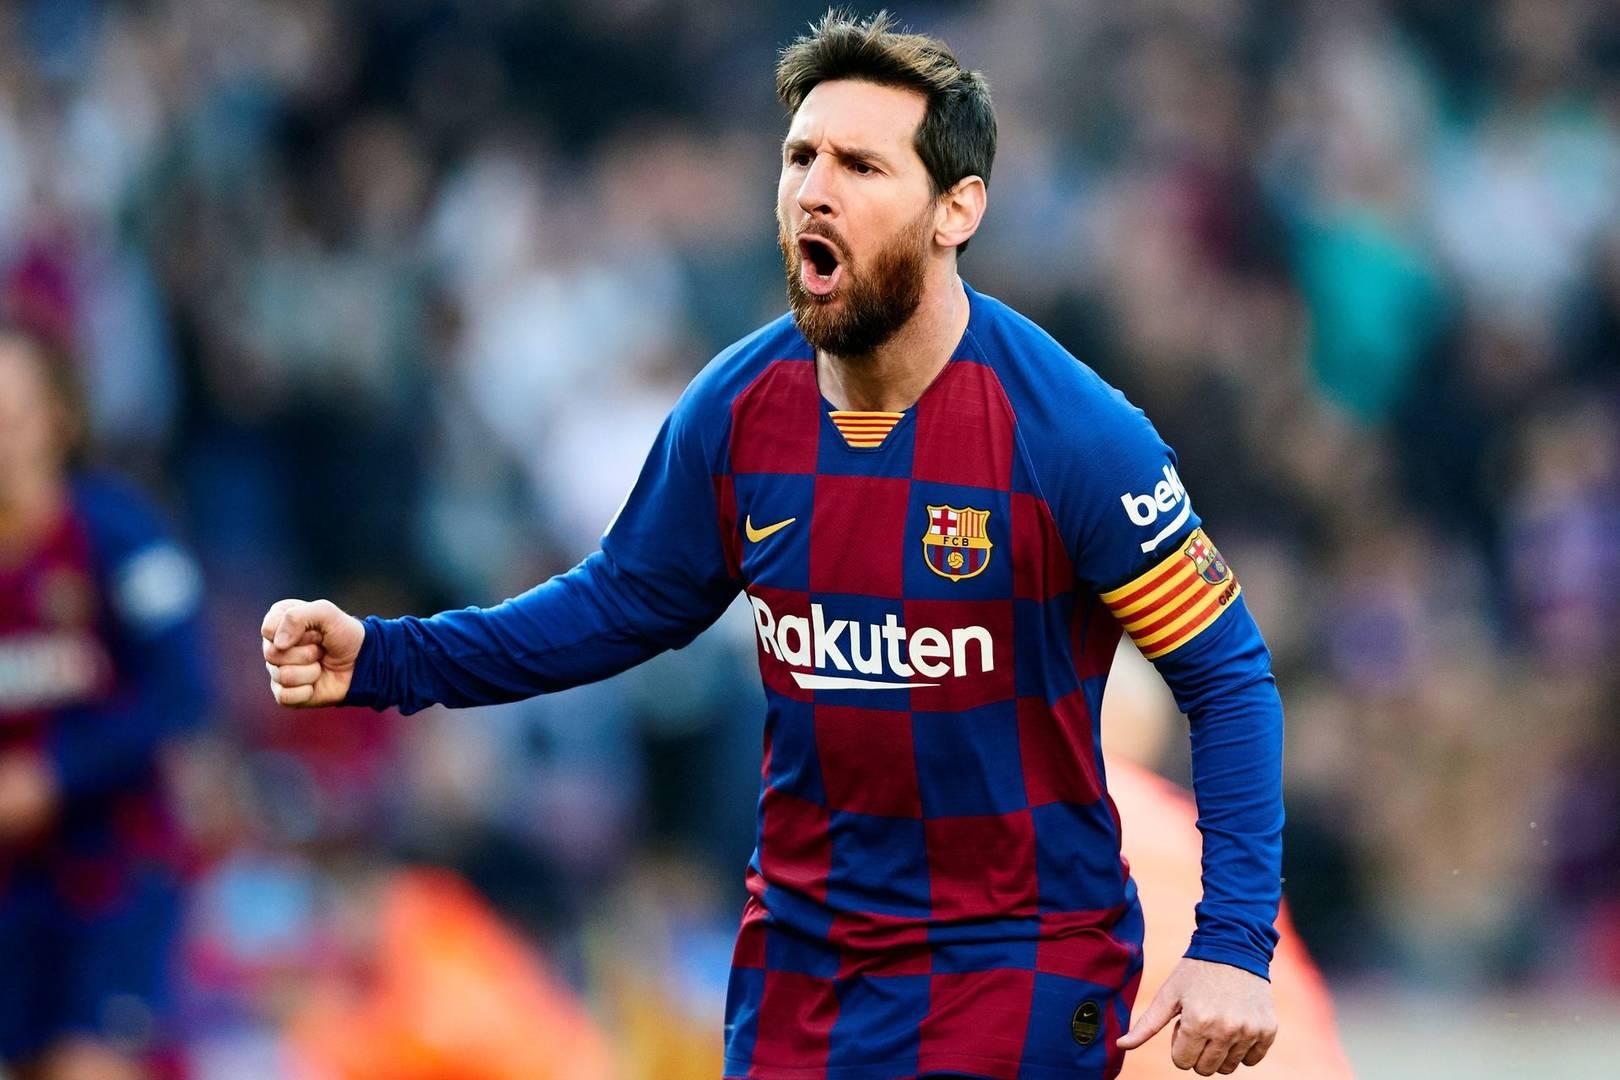 El dueño del Inter explicó porque finalmente no compraron a Messi